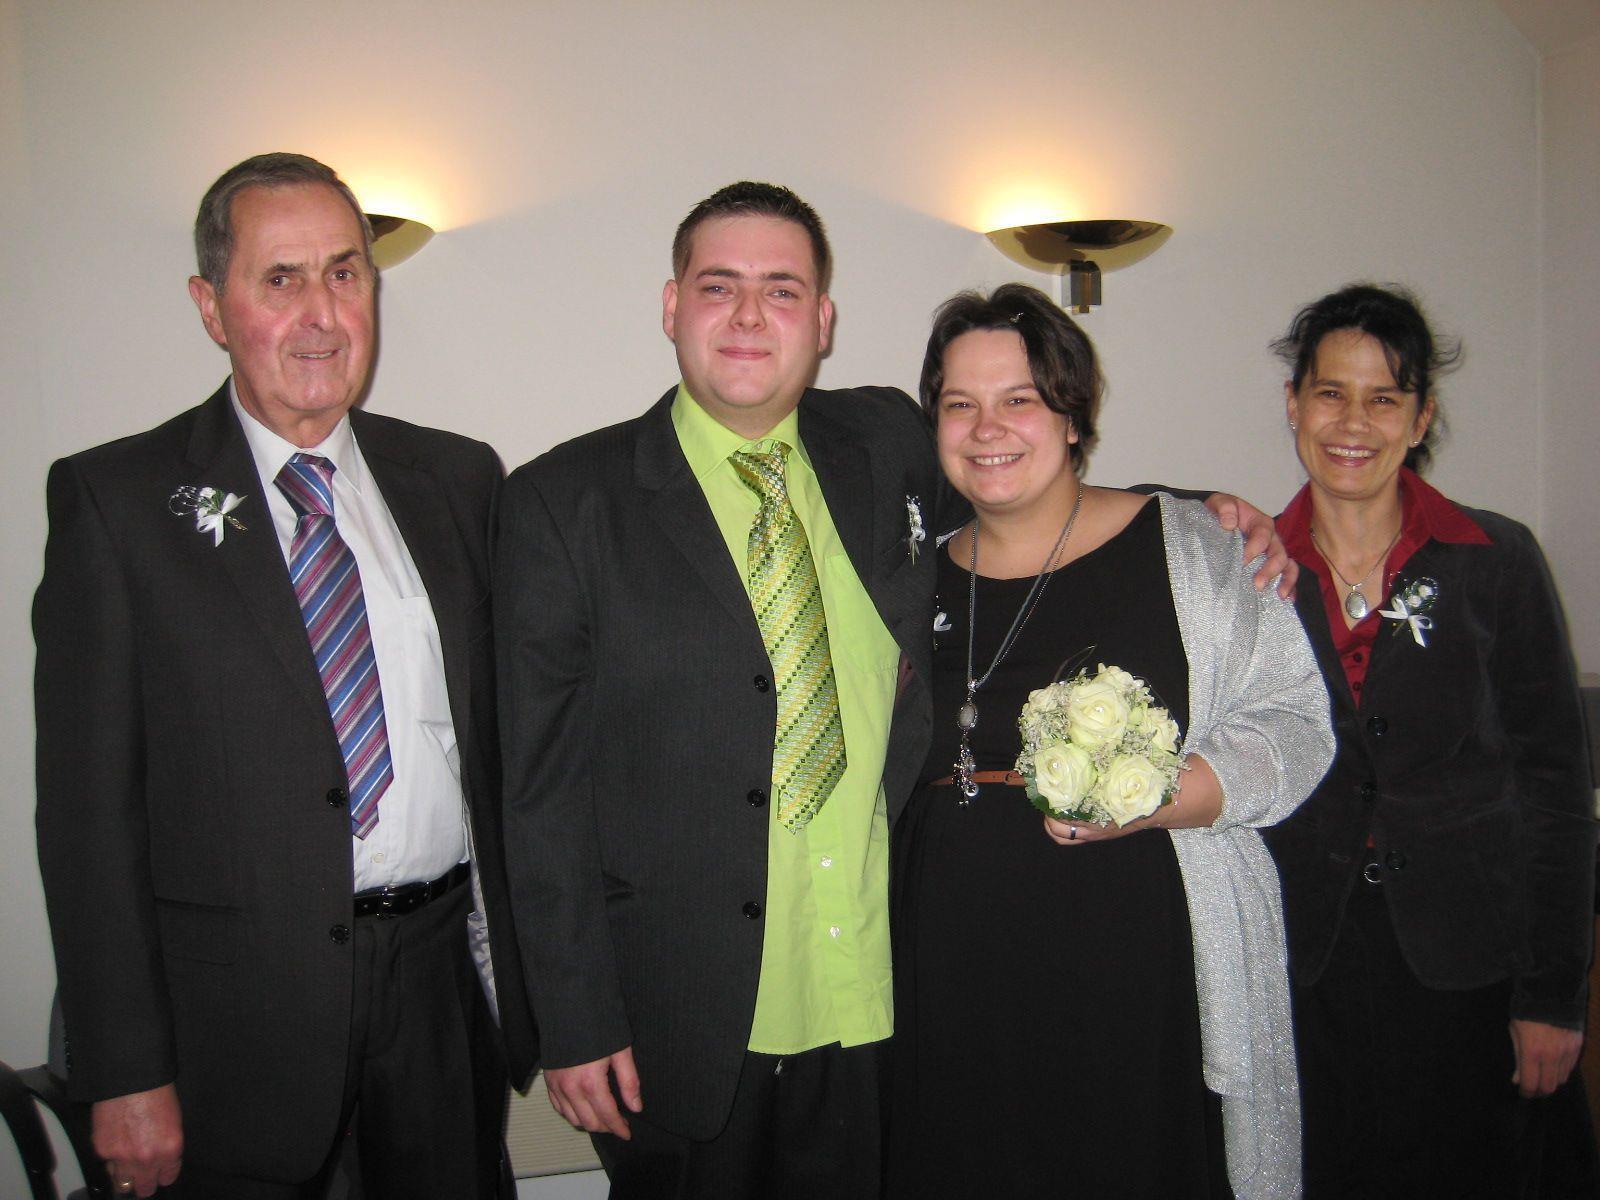 Nathalie Vaitl und Andreas Hartl haben geheiratet.